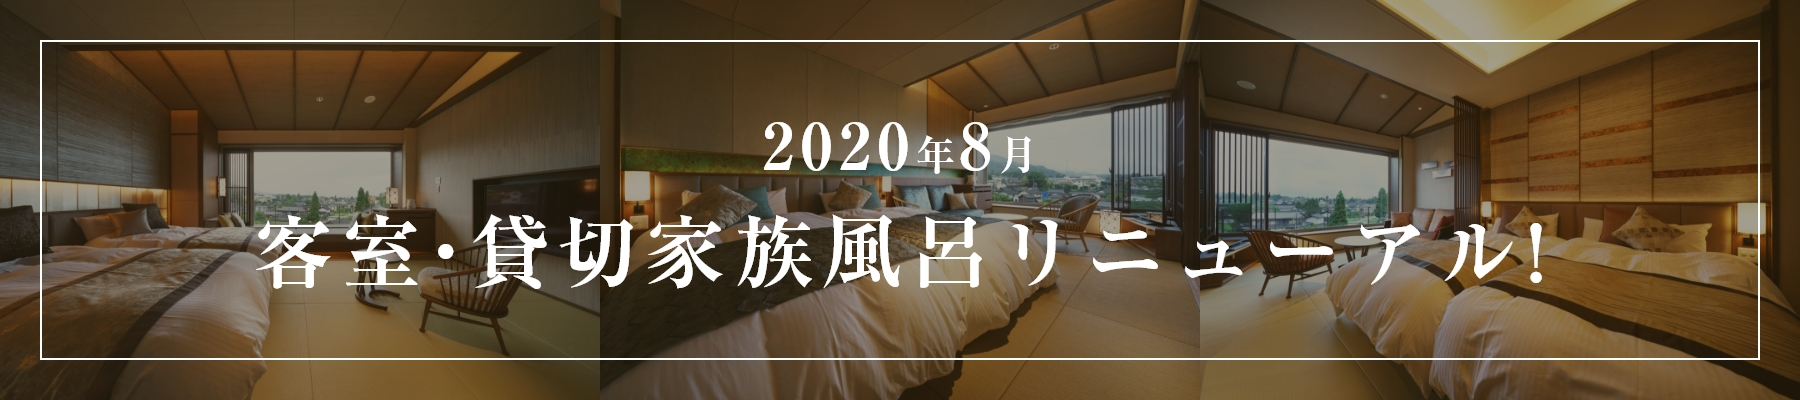 2020年8月 客室・貸切風呂リニューアル!